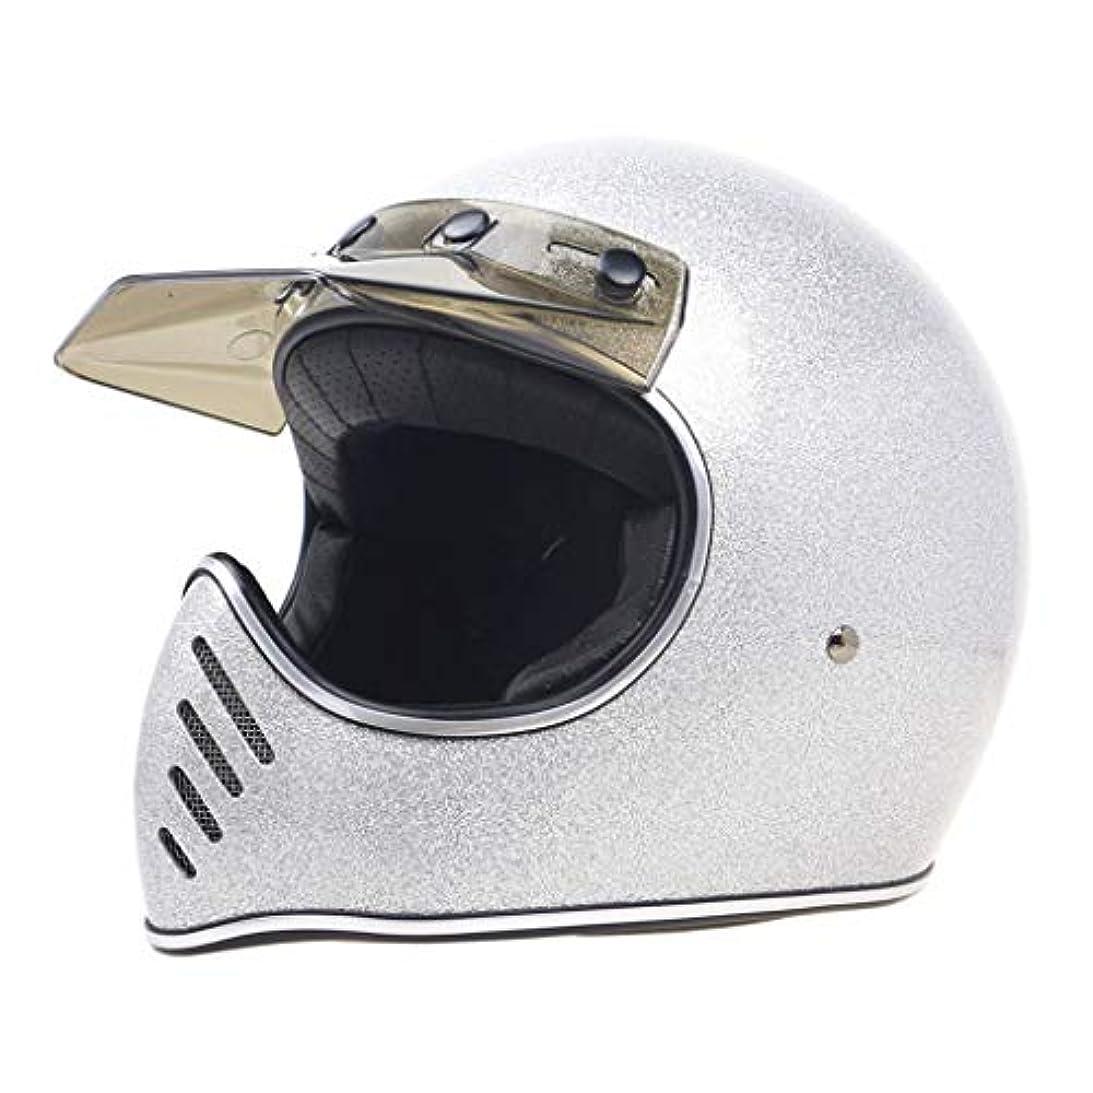 魅惑するタウポ湖星LSRRYD ヘルメットストリートアーバンスポーツスクーターオートバイクルーザー安全ハーレーベンチレーションECE認定 (色 : 白, サイズ さいず : S s)